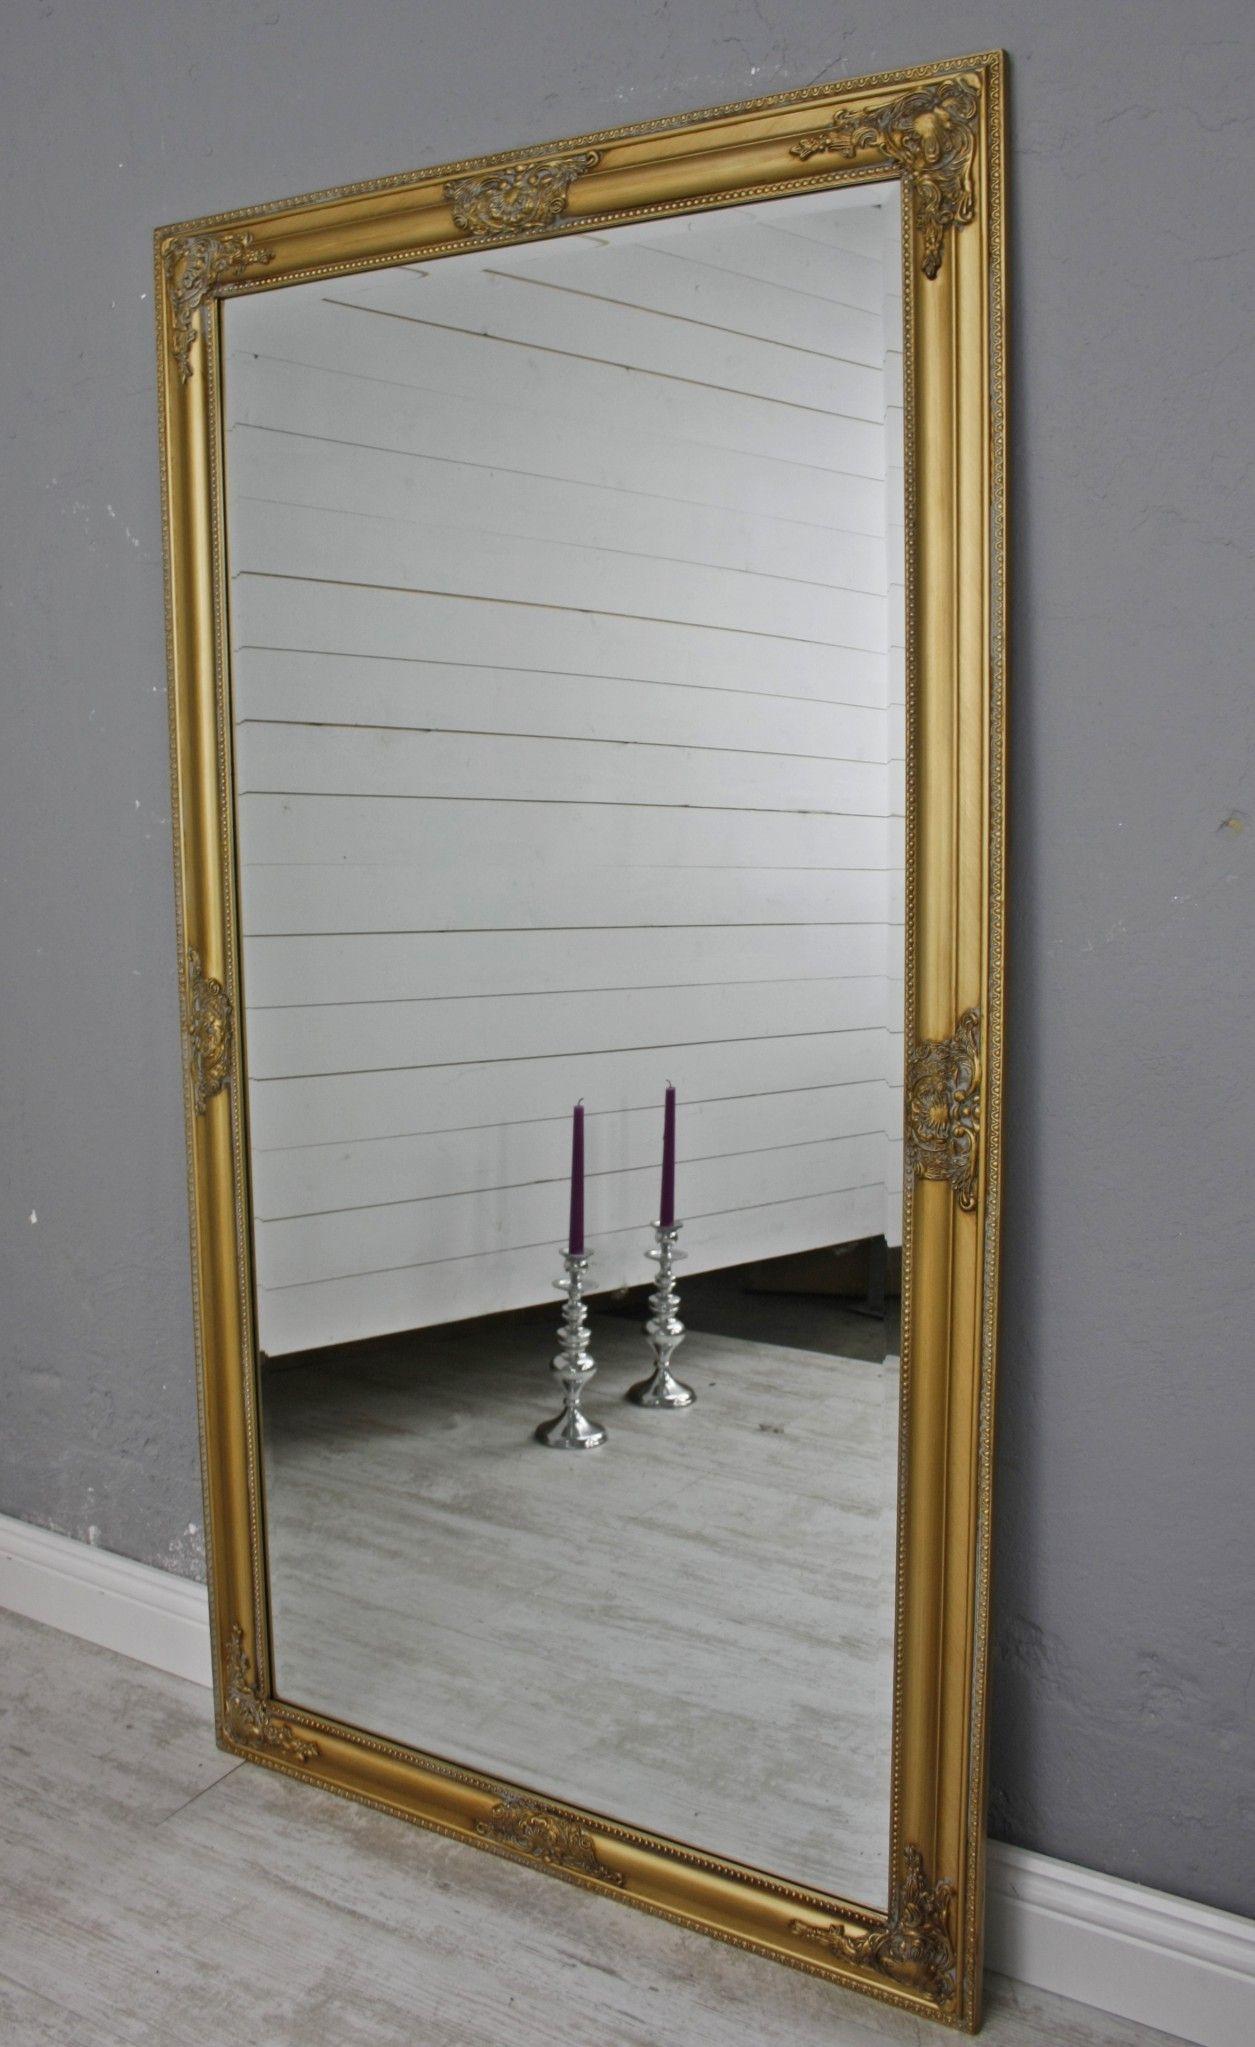 Spiegel Wohnzimmer Antik Standspiegel 160cm Antik Landhaus Spiegel